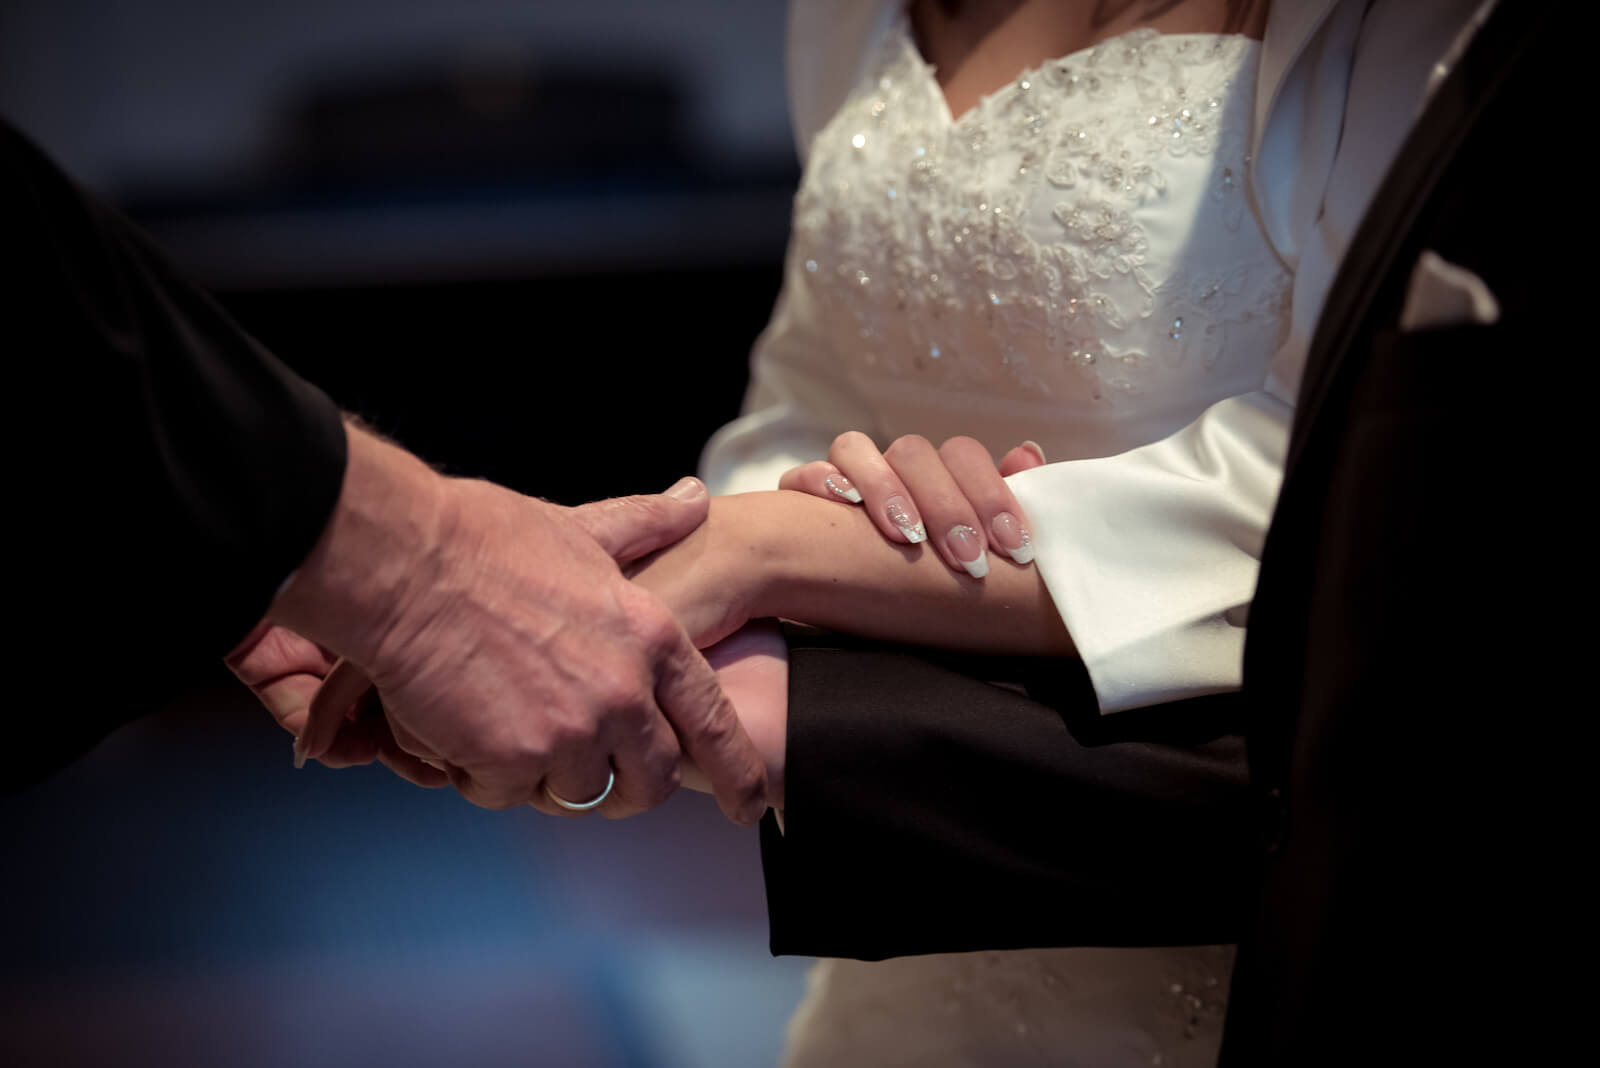 kirchliche Trauung in Landsberg - Detailaufnahme der Zeremonie, drei Hände begegnen sich